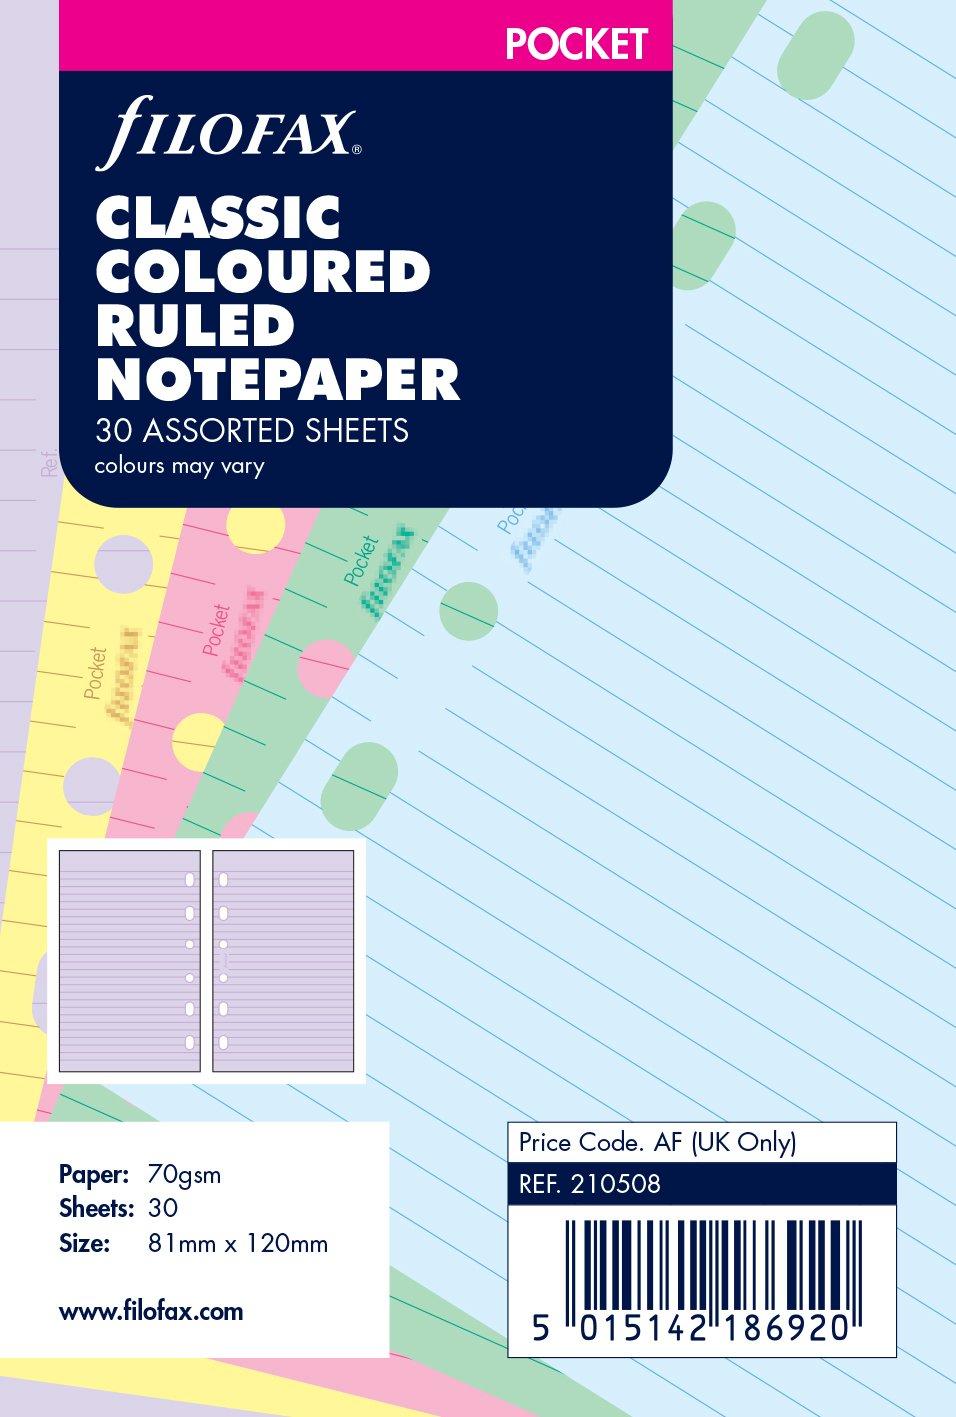 Filofax Pocket Classic - Recambio para agenda de anillas, hojas rayadas para notas, varios colores